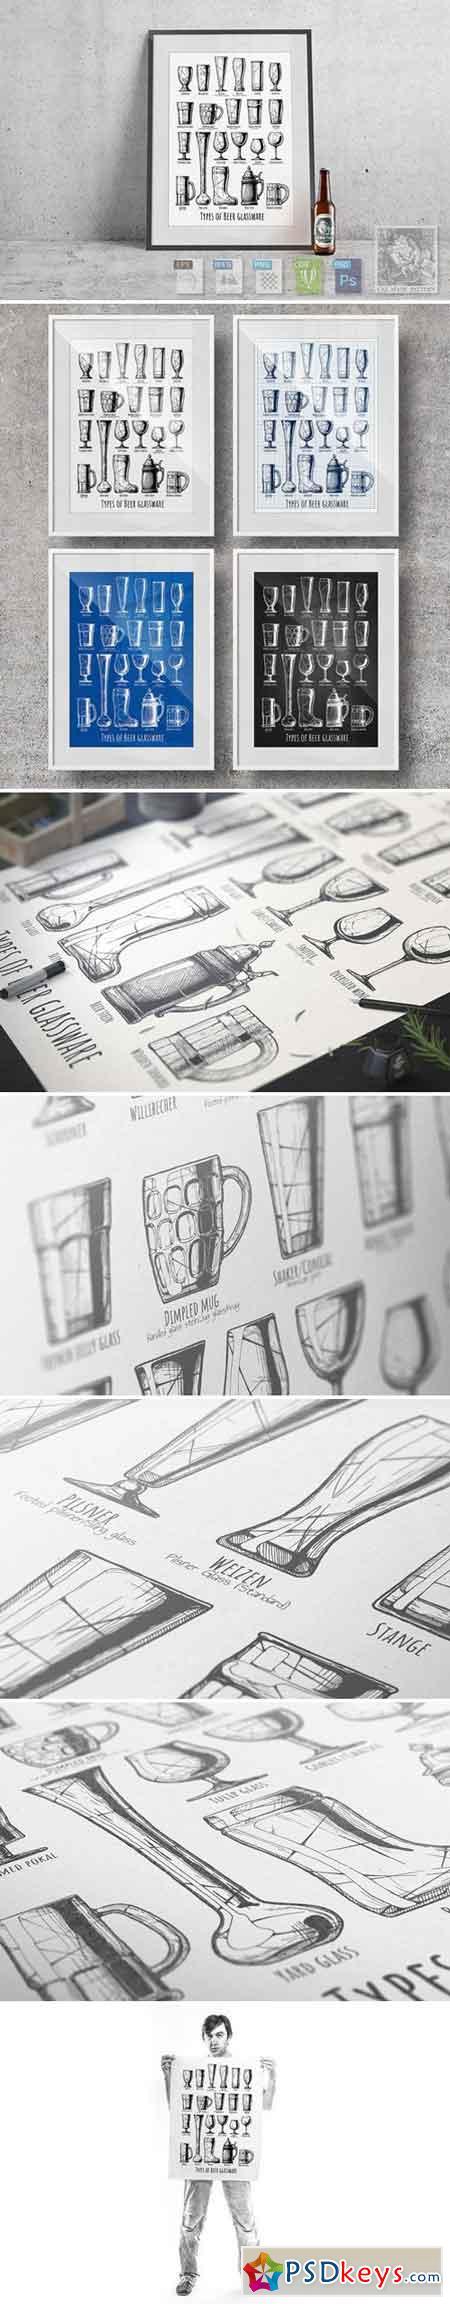 Types of Beer glassware 2227774